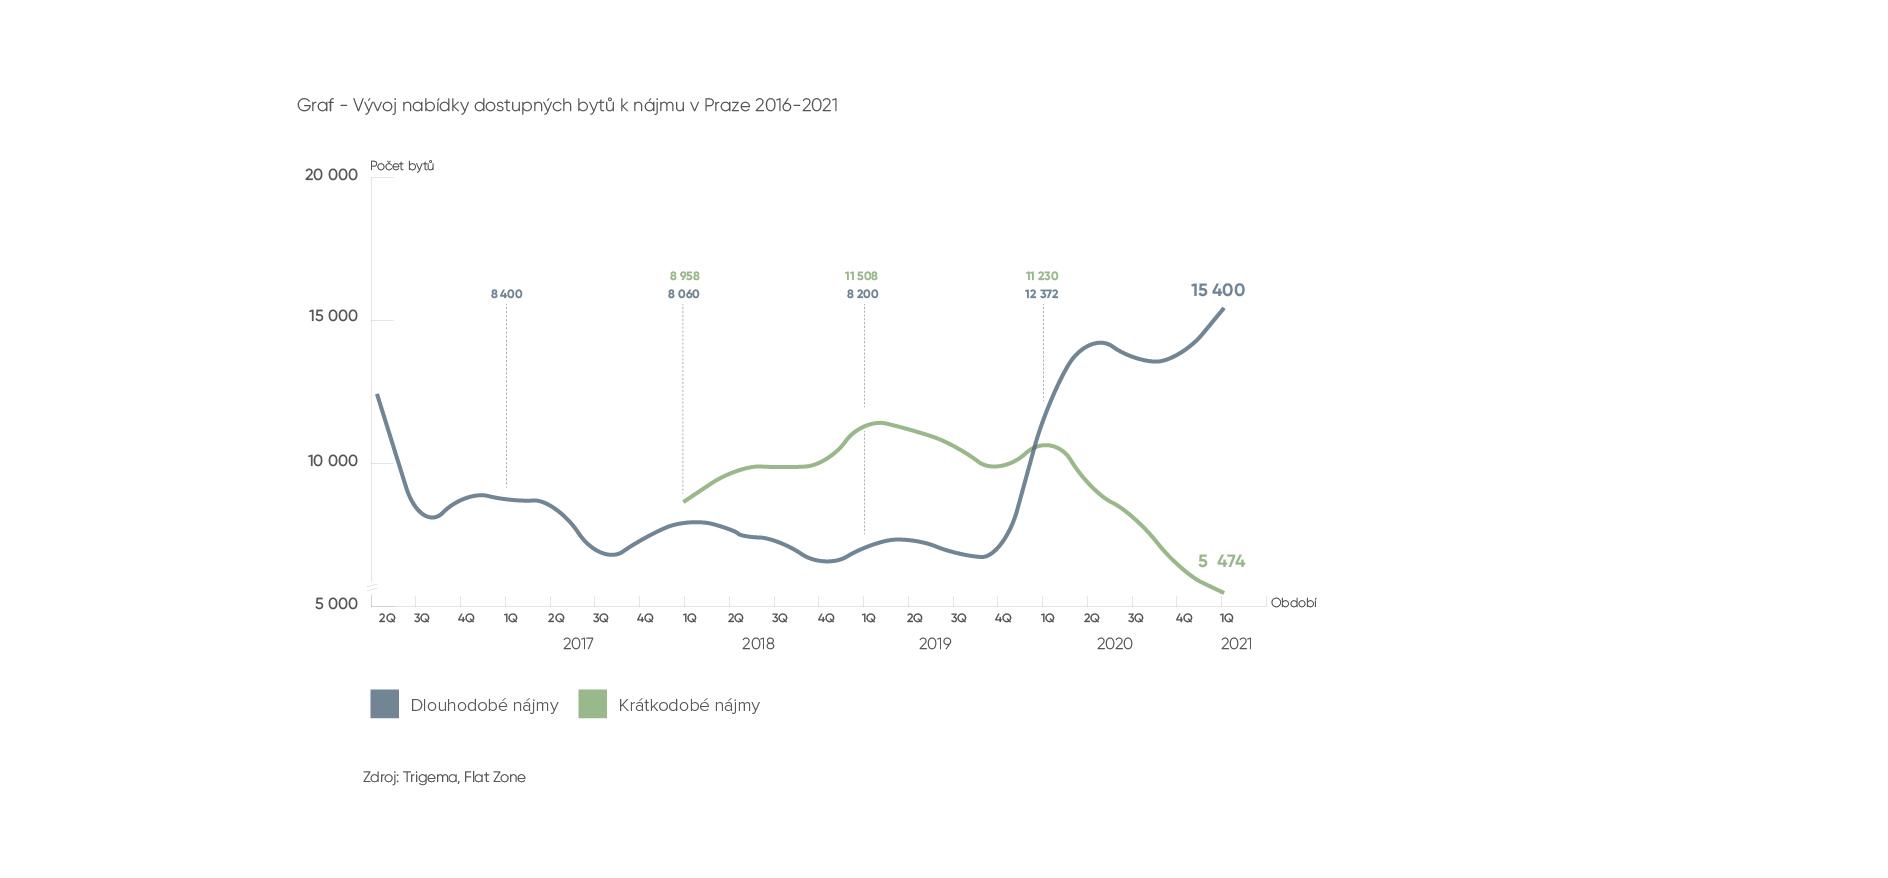 Nabídka dostupných bytů k nájmu v Praze 2016-2021